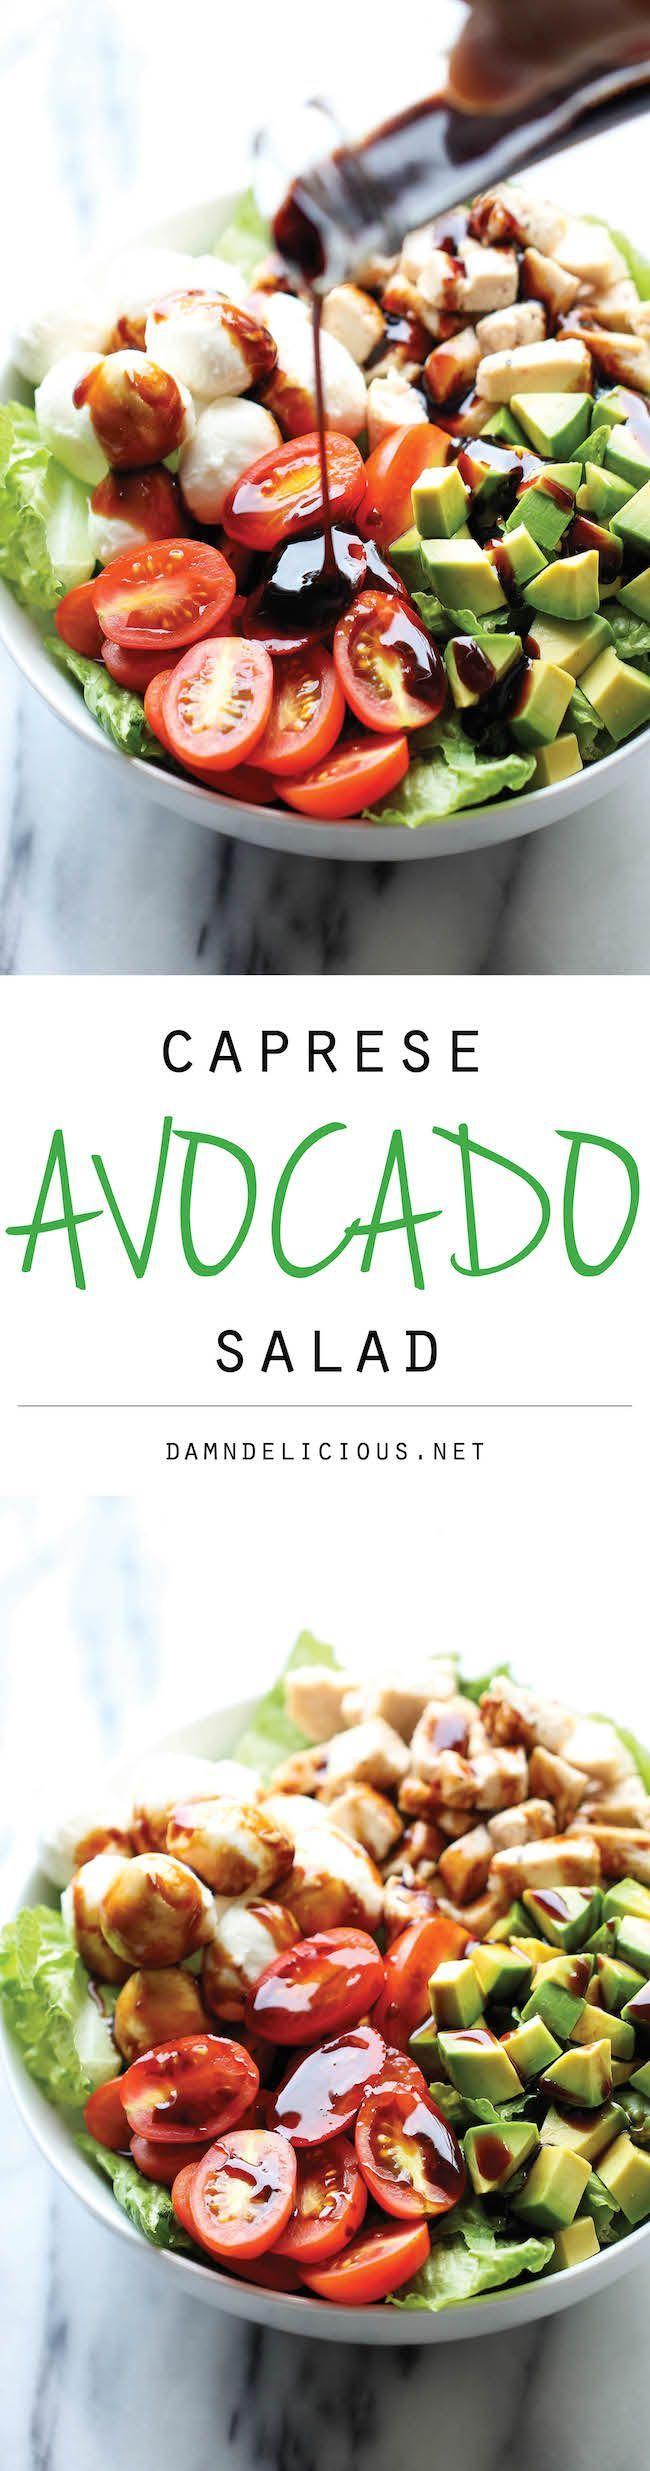 Caprese avocado salad lunch